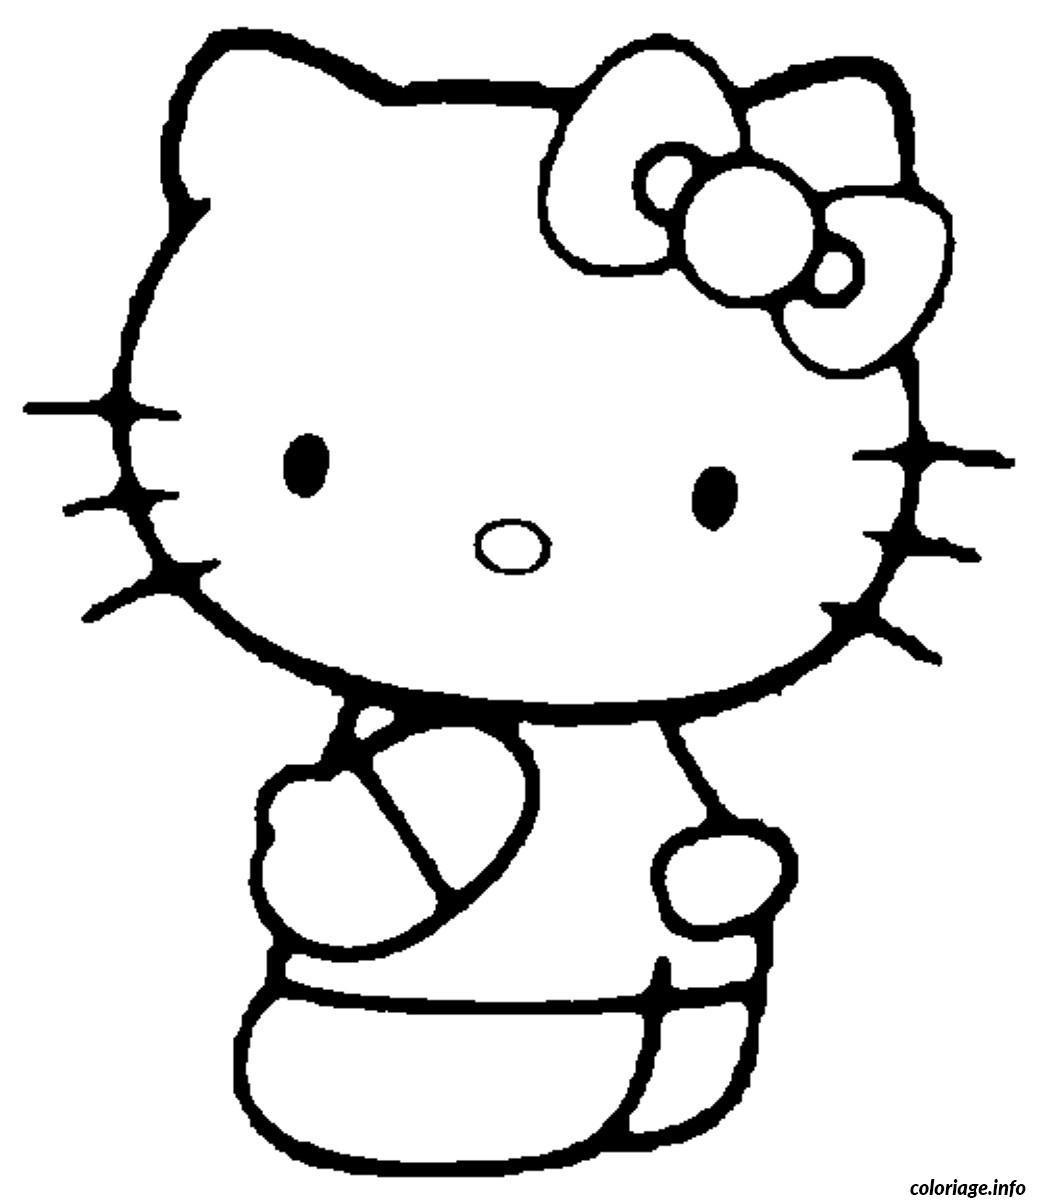 Dessin dessin hello kitty 88 Coloriage Gratuit à Imprimer